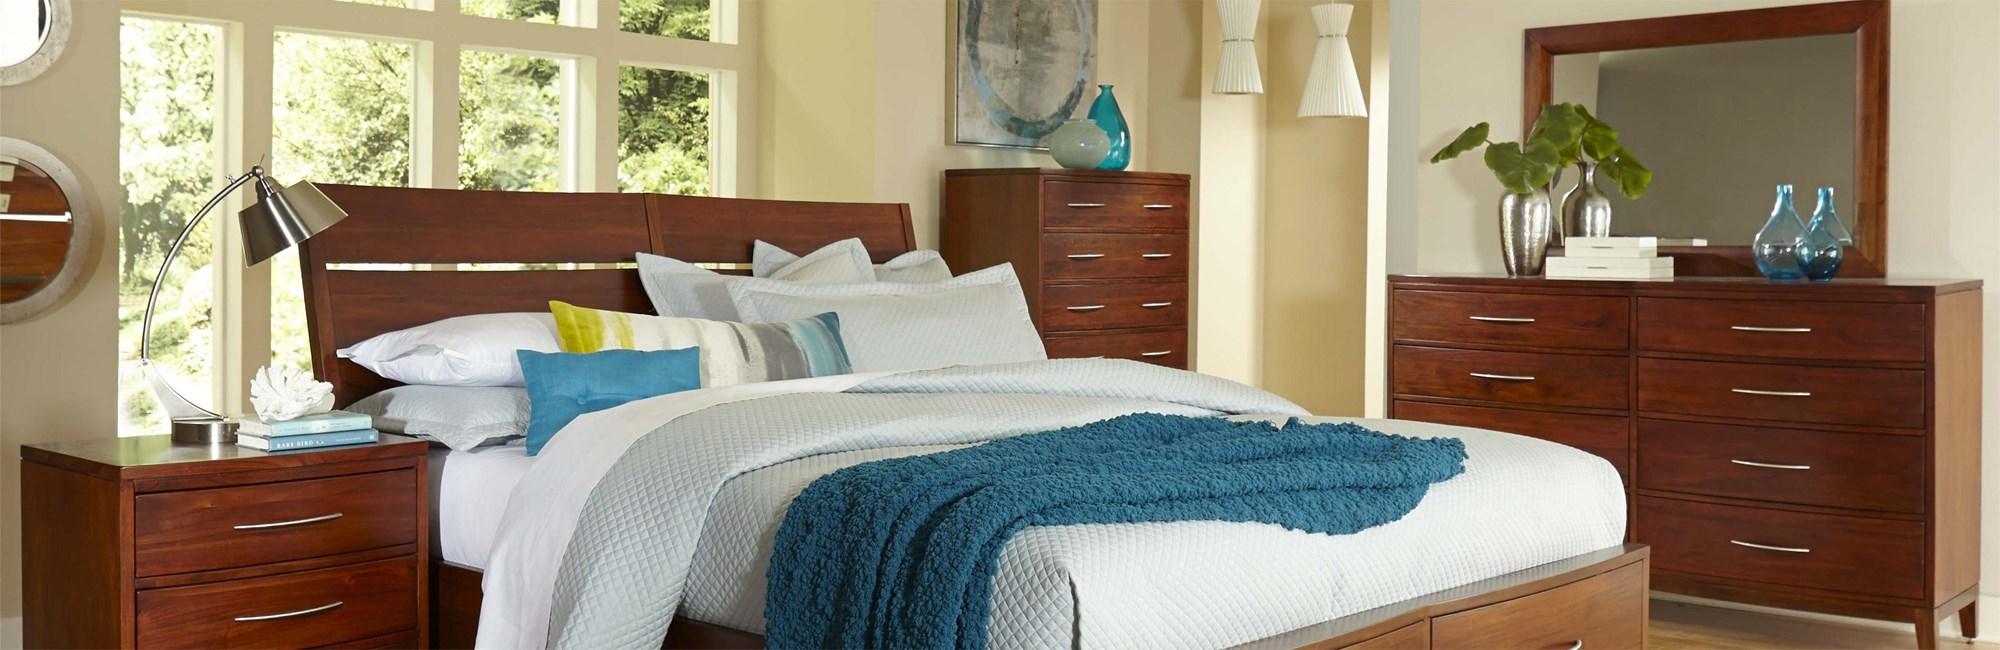 Bedroom Furniture Oahu shop bedroom | hawaii, oahu, hilo, kona, maui | homeworld furniture